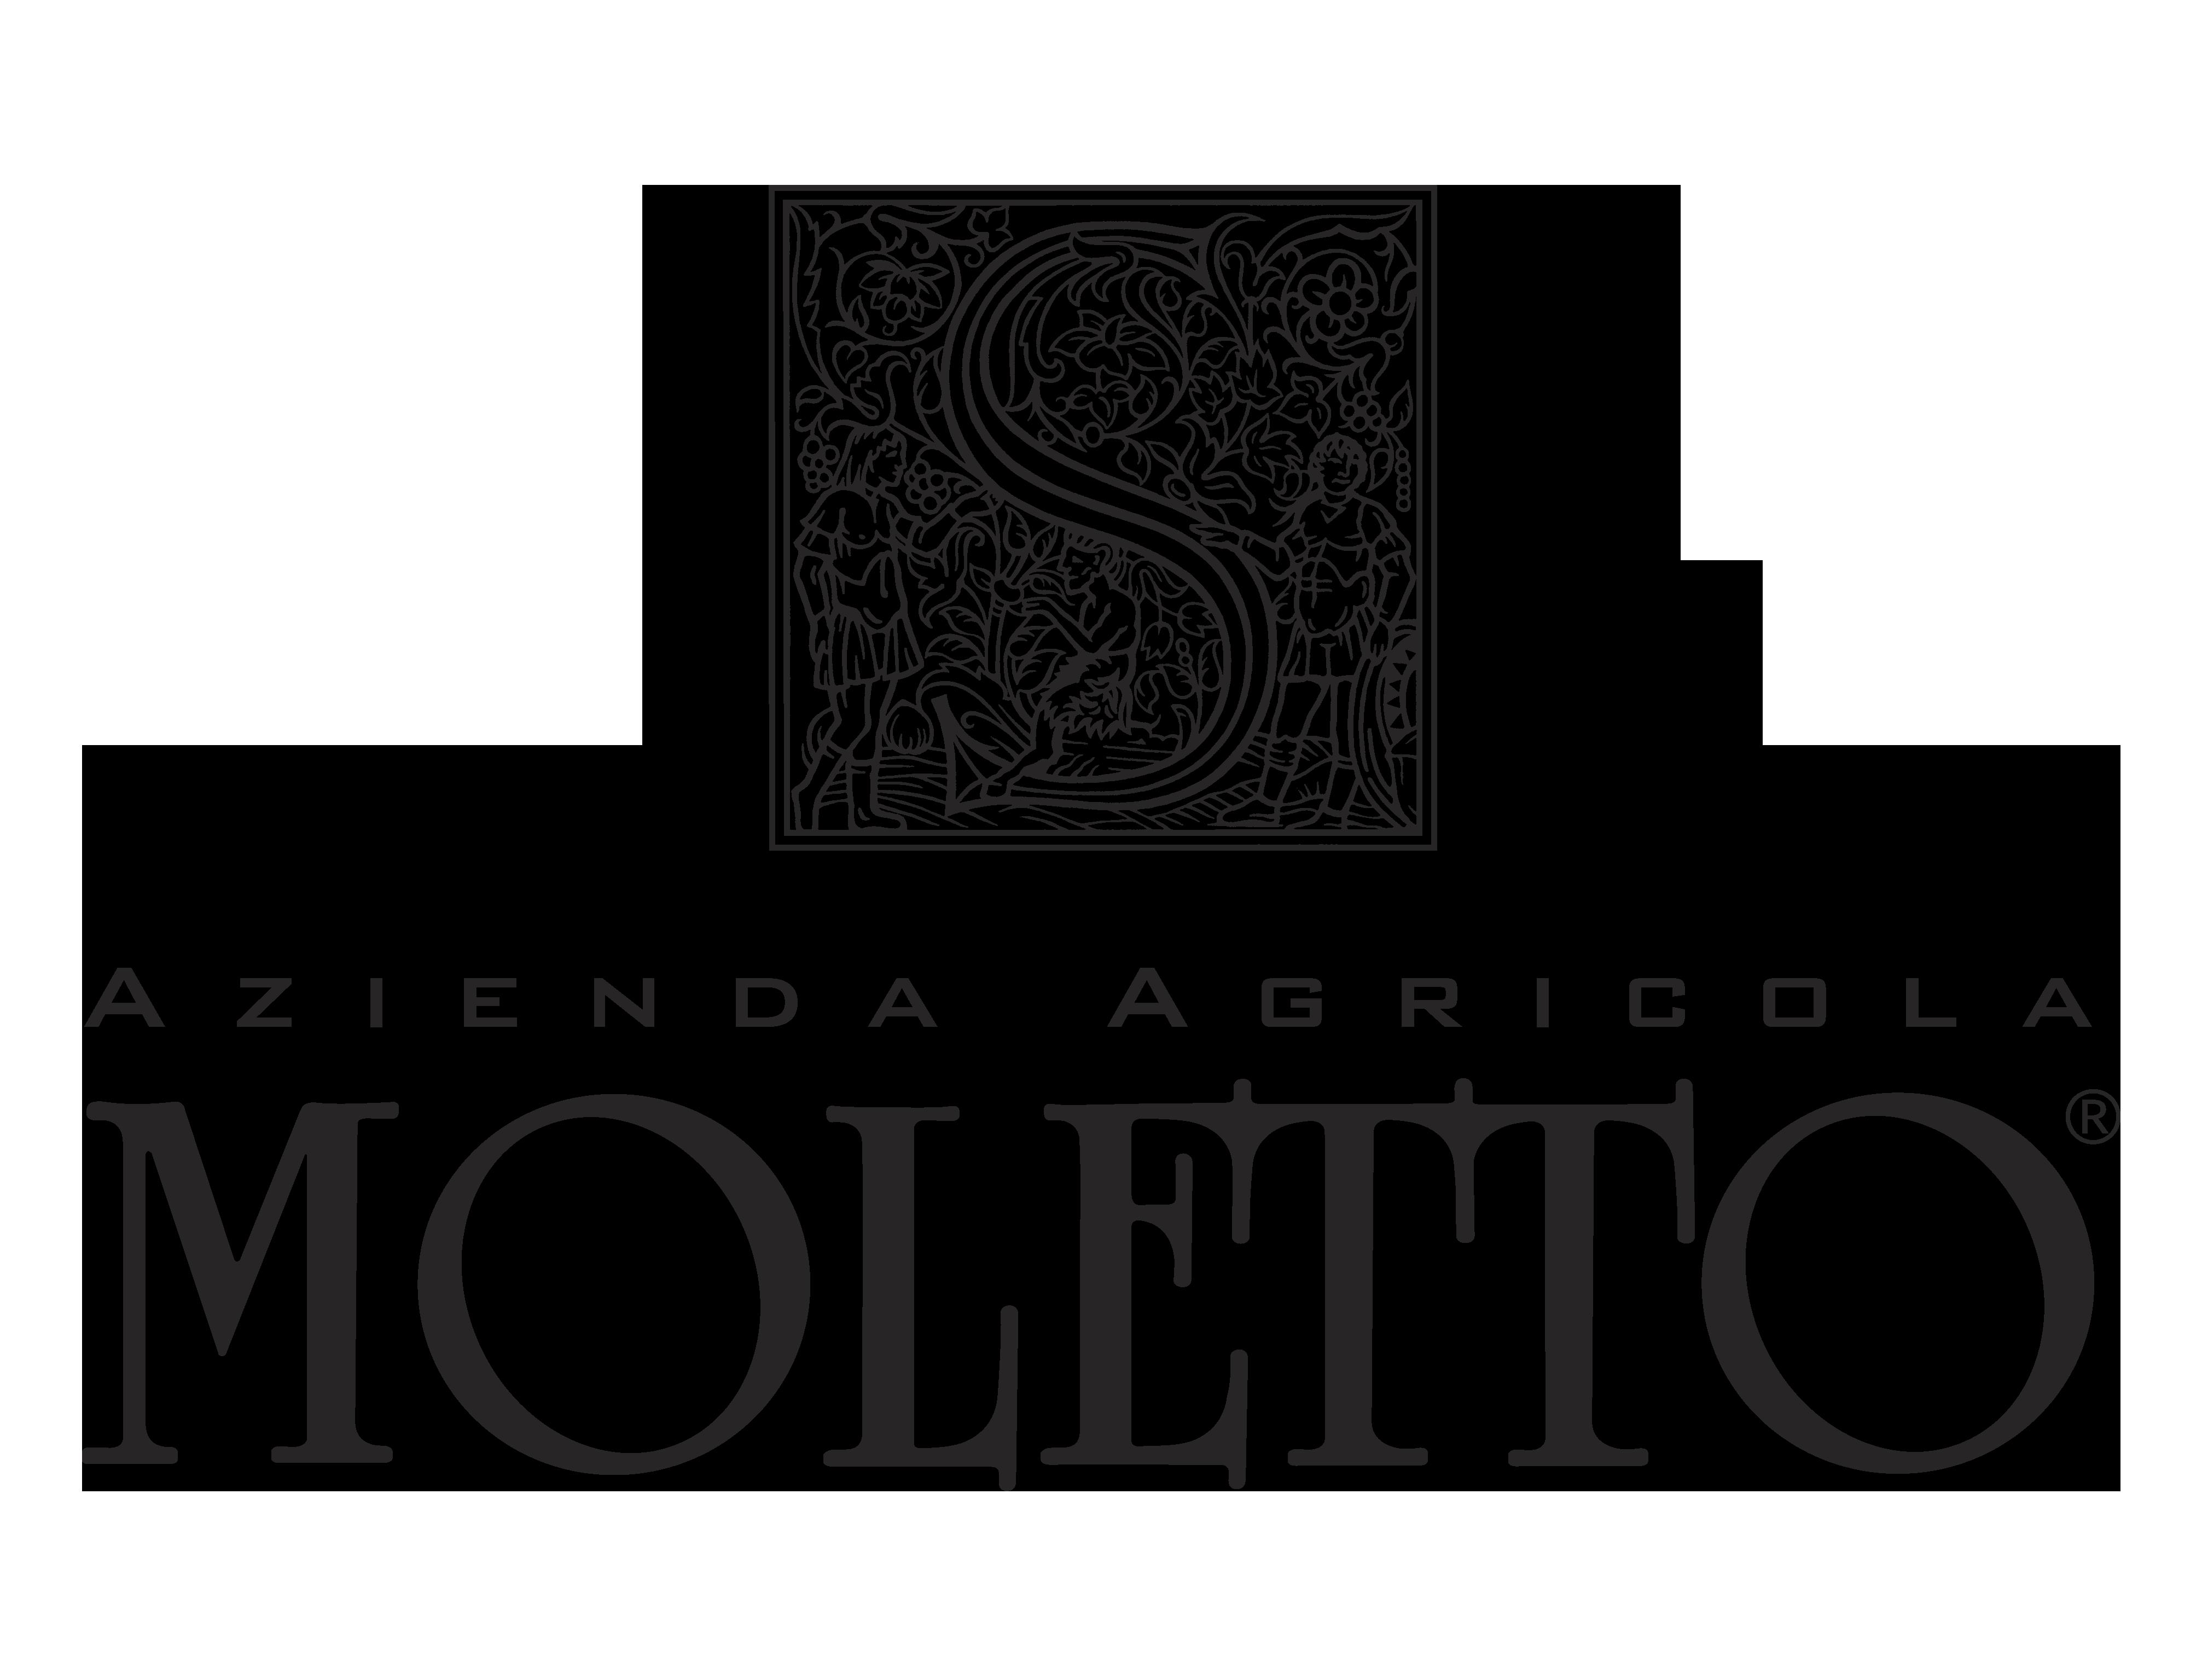 Moletto